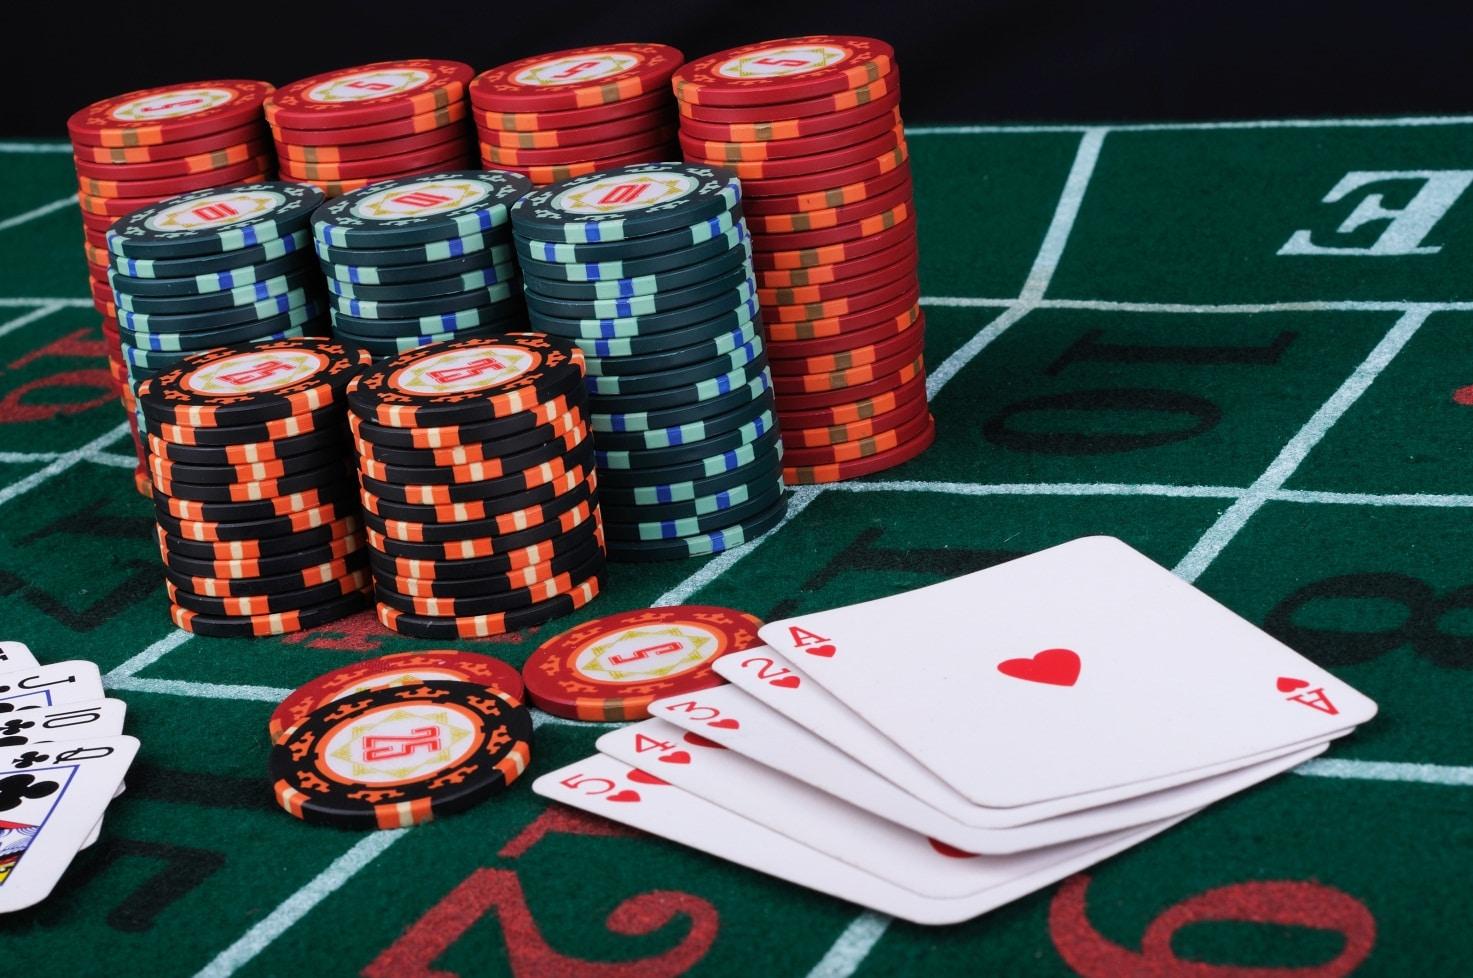 Bonus ricarica casino online | I bonus fedeltà